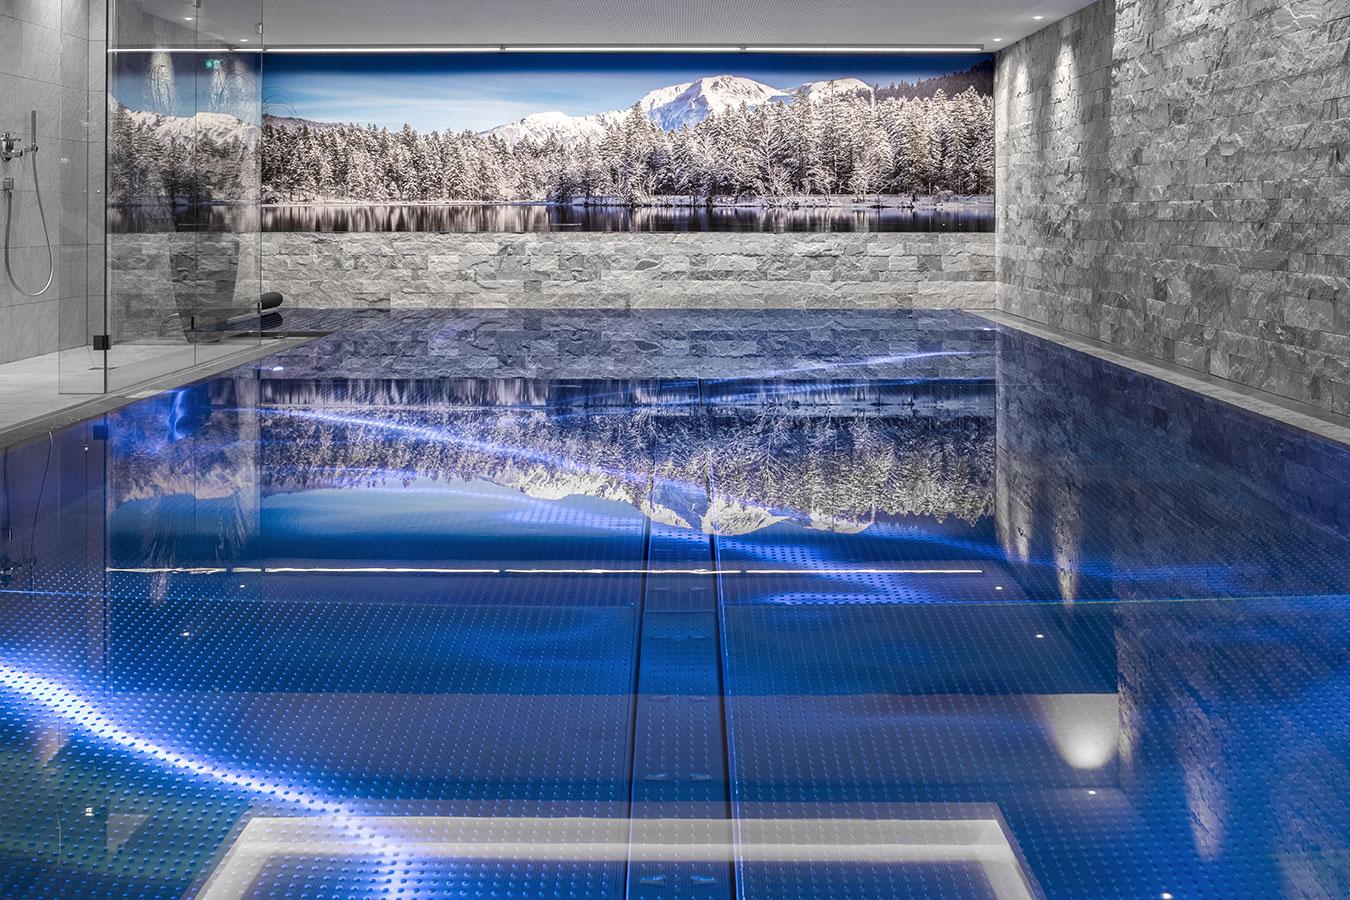 imagency luxus kreatív ügynökség építészet interieur exterieur hotel Real Estate ingatlan fotó Magyarország Budapest Relais-Chateaux-Rosengarten (2)